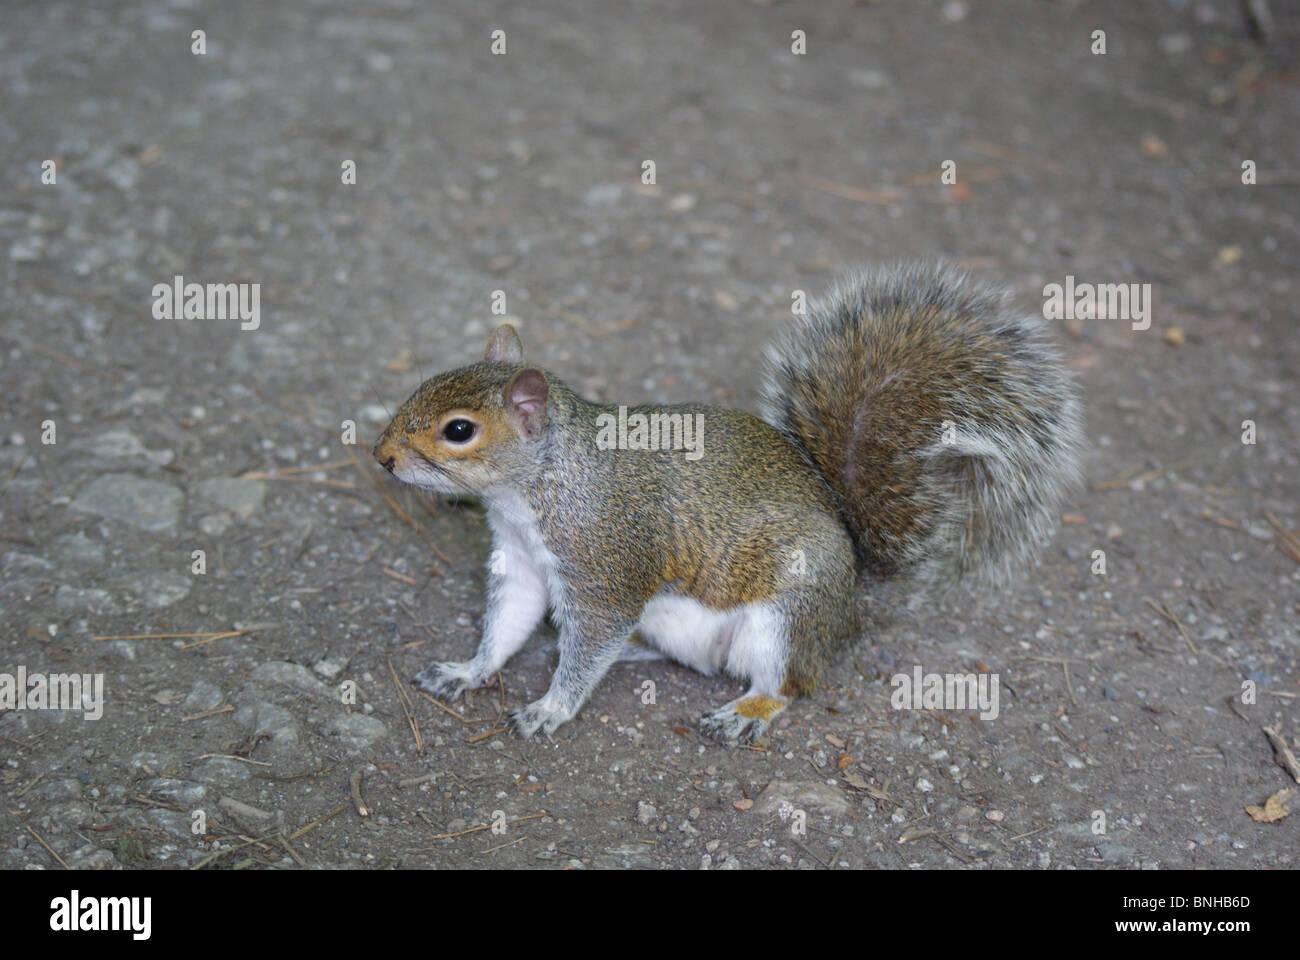 Sqirrel mignon avec queue touffue Photo Stock